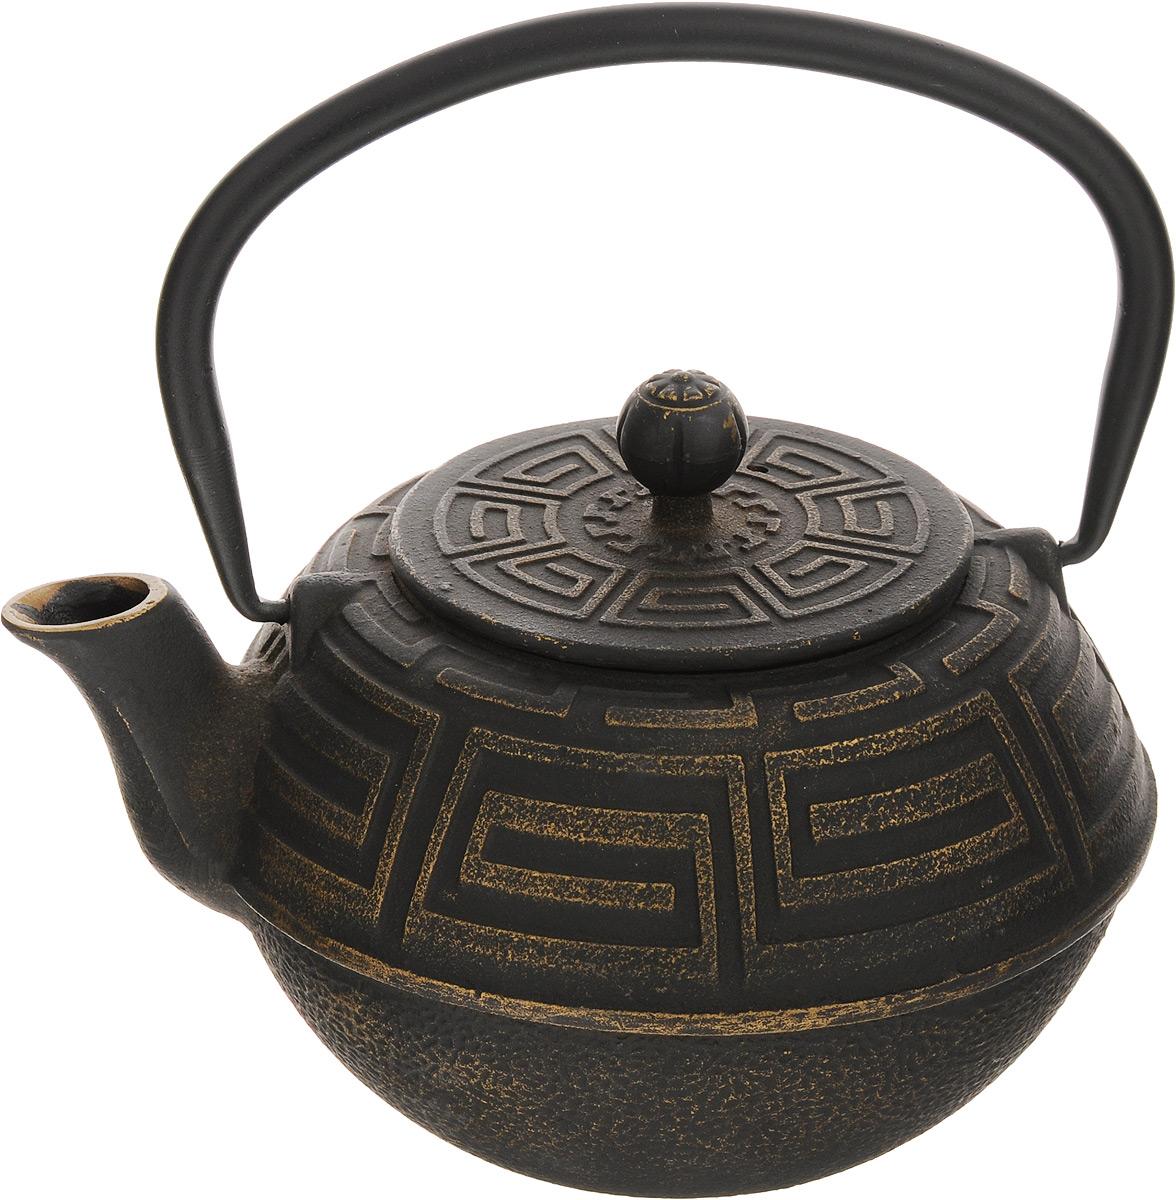 Чайник заварочный Mayer & Boch, чугунный, с фильтром, 1,5 л23696Заварочный чайник Mayer & Boch изготовлен из чугуна высокого качества. Внешние стенки изделия оформлены изысканным рельефом.Чугунный чайник дольше других удерживает тепло. Вода в нем будет оставаться горячей и пригодной для заваривания чая в течение часа. Кремнийорганический термостойкий лак предотвращает появление ржавчины. Чайник оснащен чугунной подвижной ручкой и съемным фильтром из нержавеющей стали, который задерживает заварку и предотвращает ее попадание в чашку. Заварочный чайник Mayer & Boch украсит любую чайную церемонию, а также станет прекрасным подарком на любое торжество. Диаметр чайника (по верхнему краю): 9 см. Высота чайника (без учета крышки и ручки): 9,5 см. Высота чайника (с учетом ручки): 18 см. Диаметр фильтра (по верхнему краю): 8,7 см. Высота фильтра: 6 см.